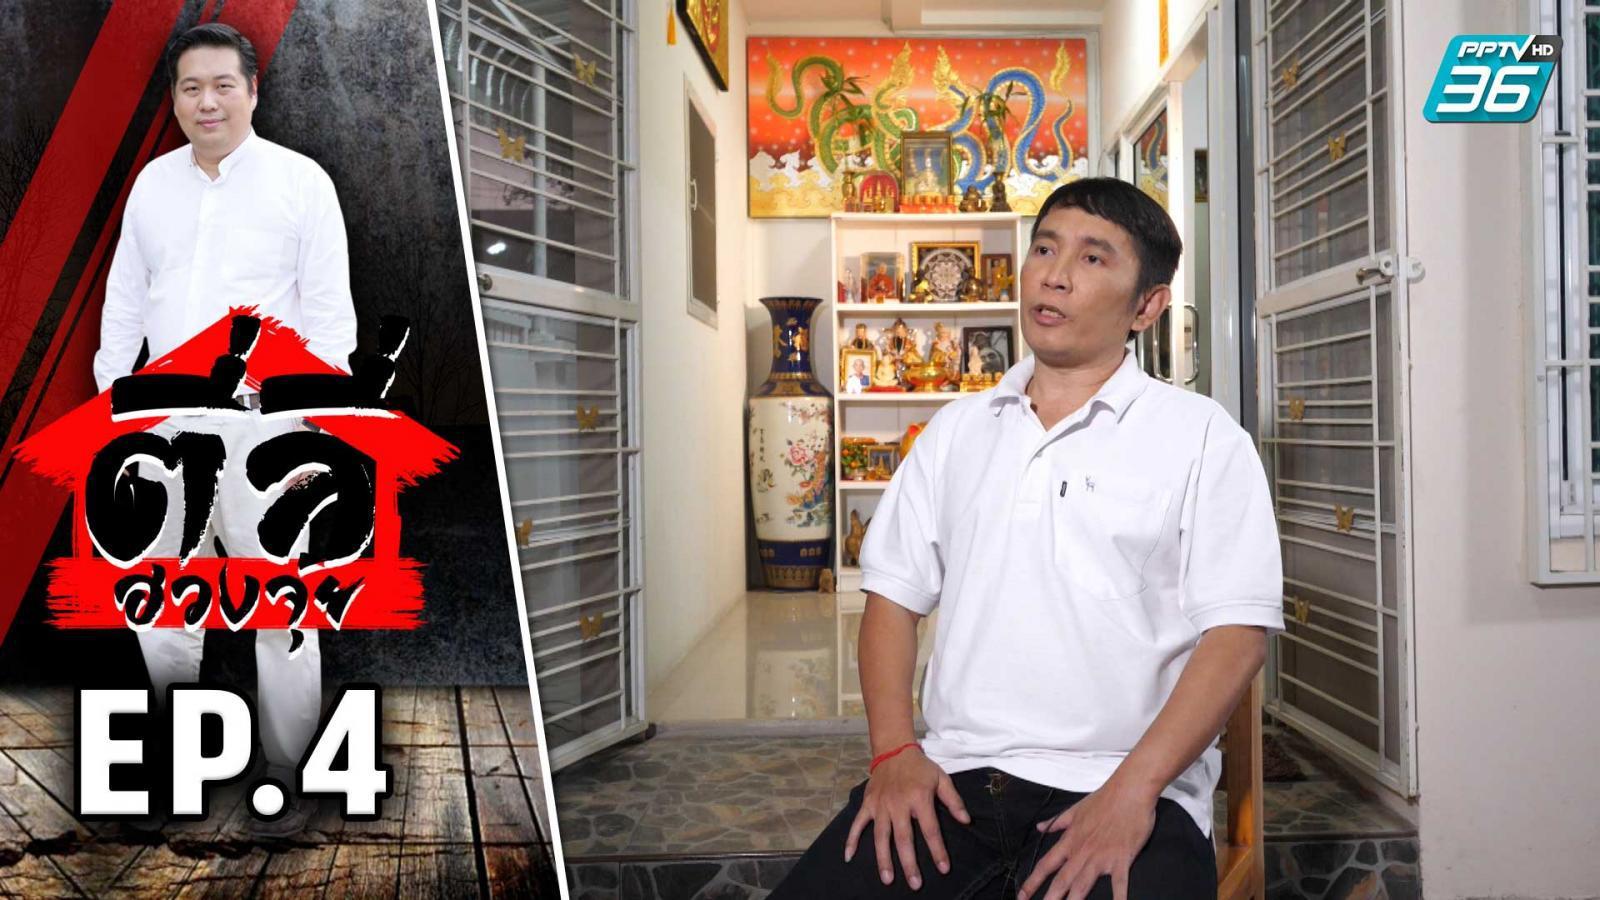 ตี่ลี่ฮวงจุ้ย   ตอน เกือบสูญเสียคนในครอบครัว EP.4   PPTV HD 36